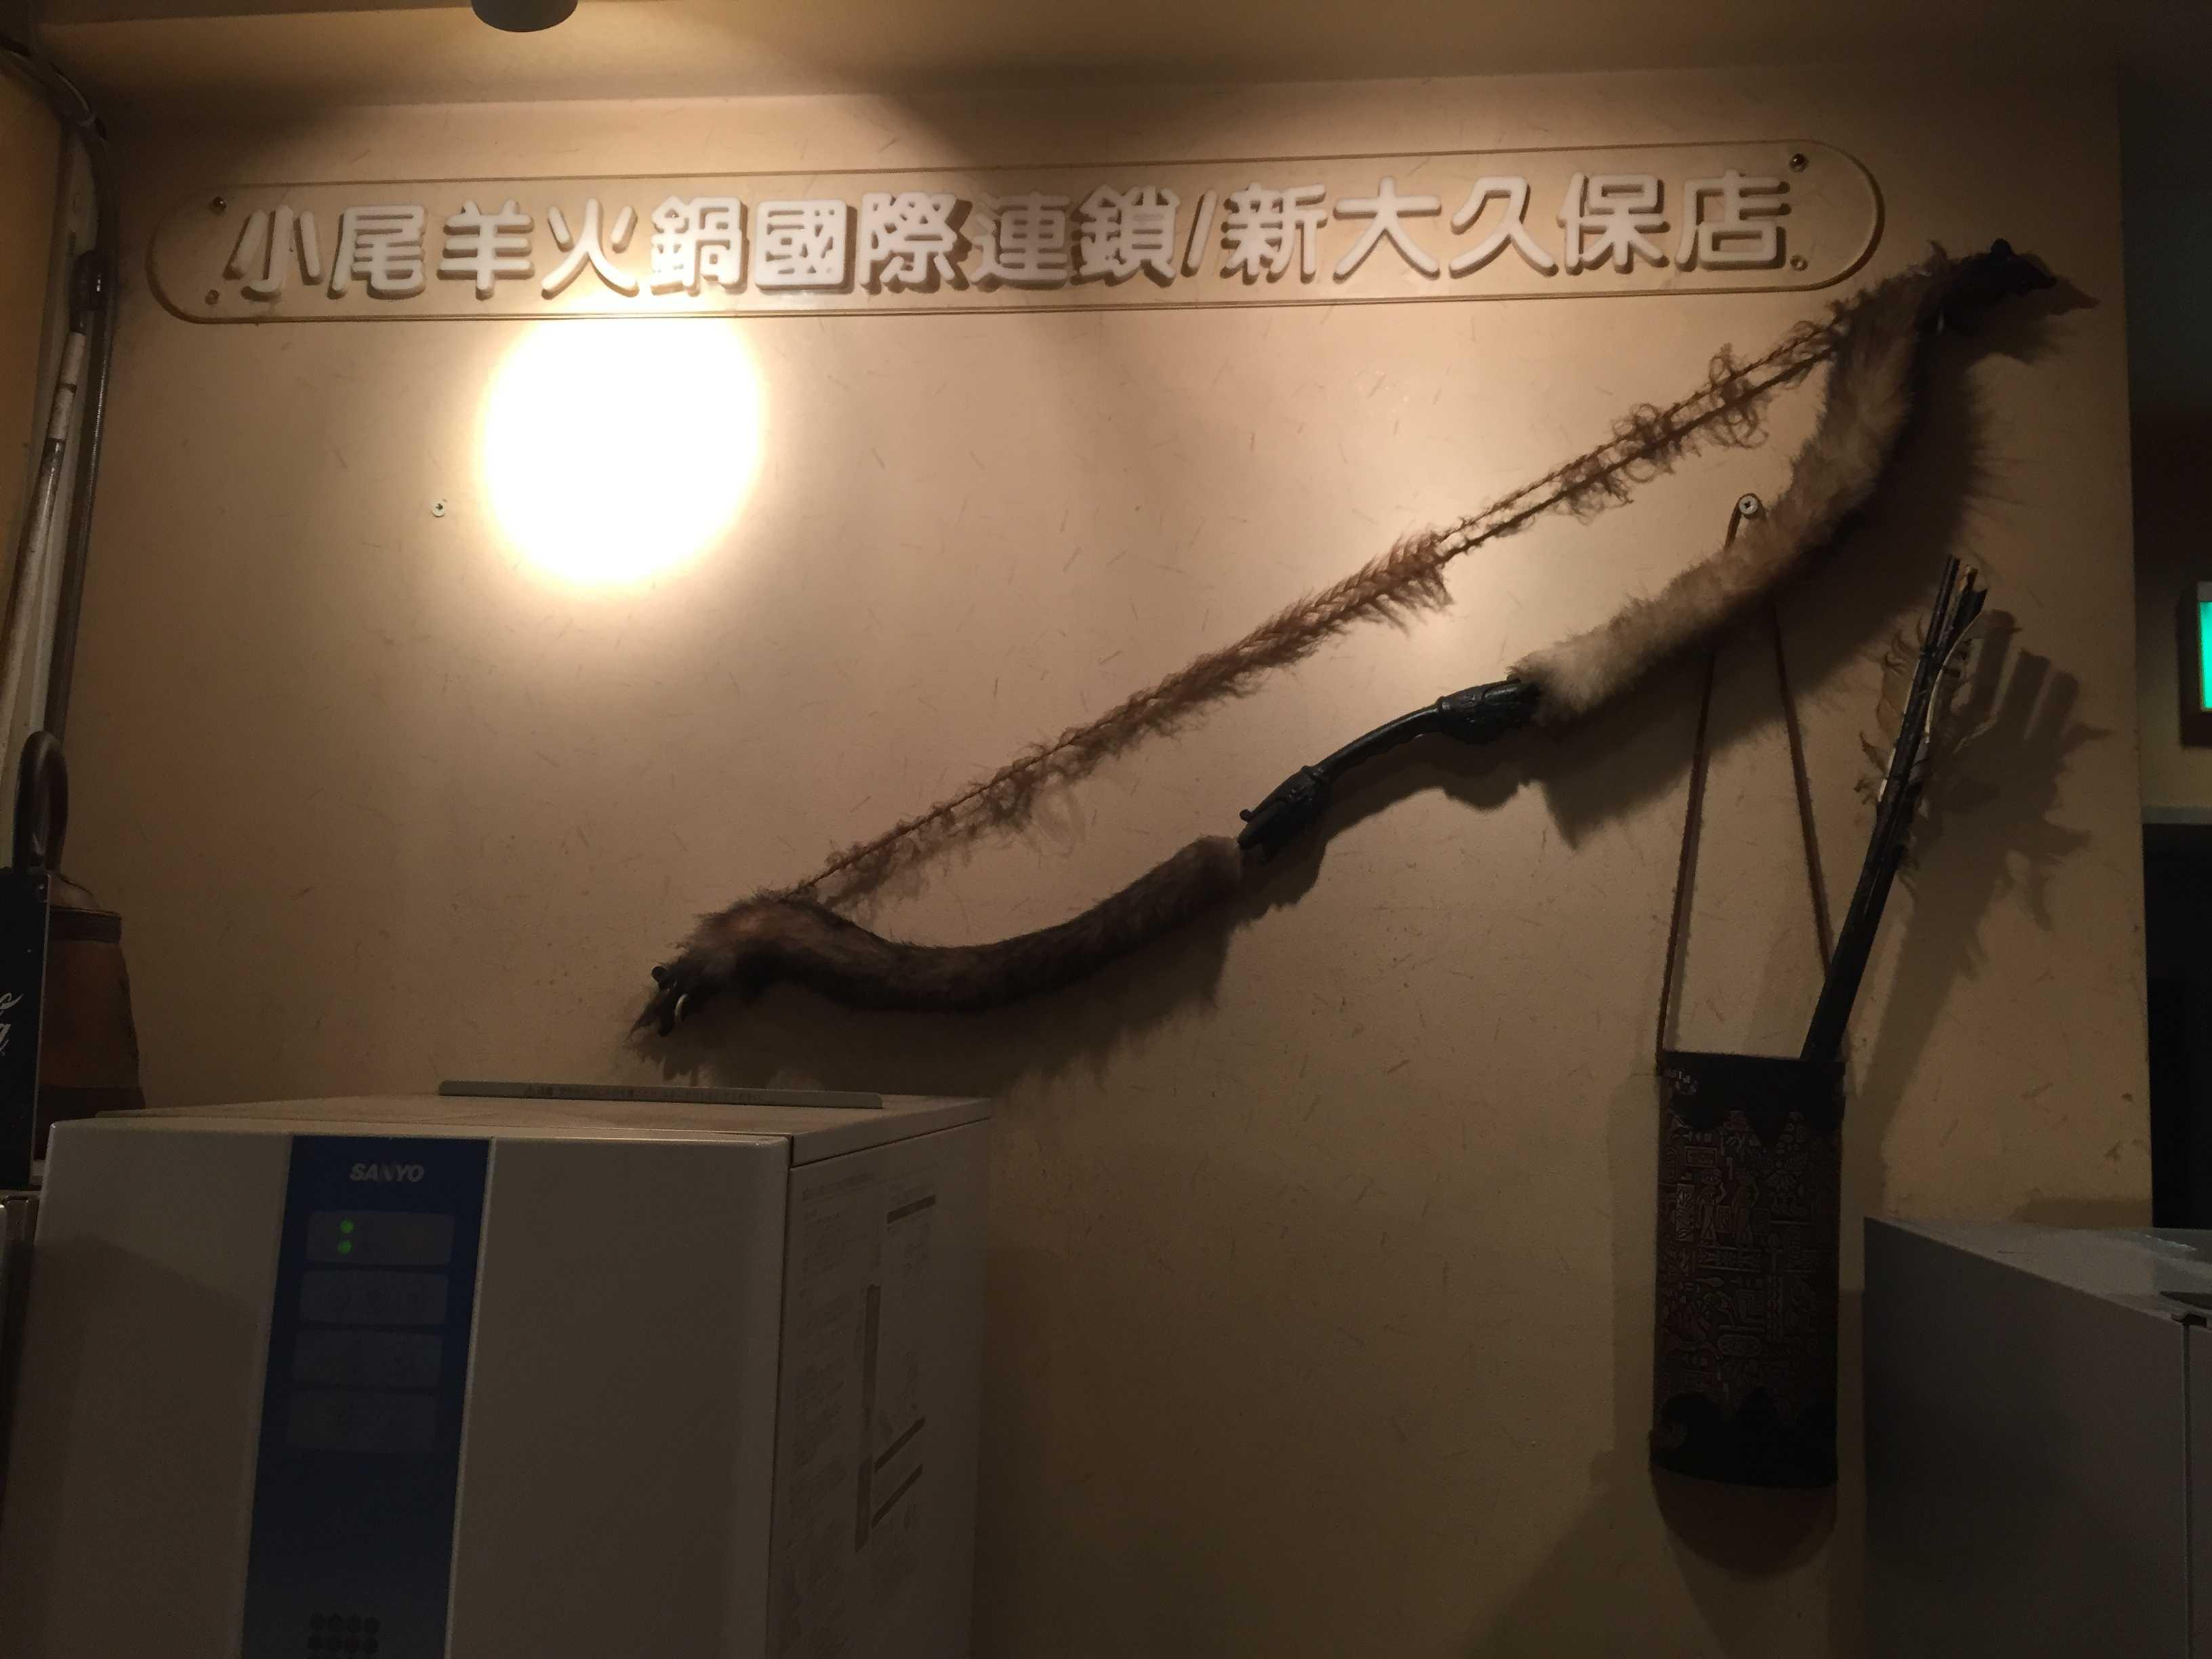 モンゴルの弓矢(モンゴル弓) - 小尾羊 新大久保店